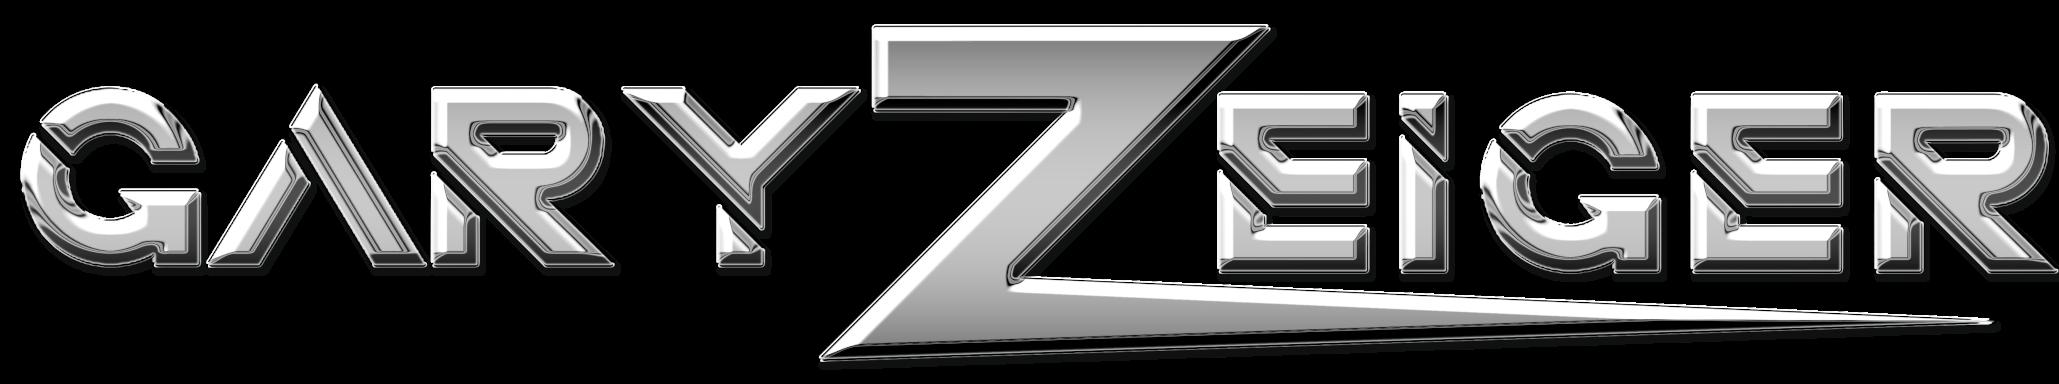 Gary Zeiger Official Website